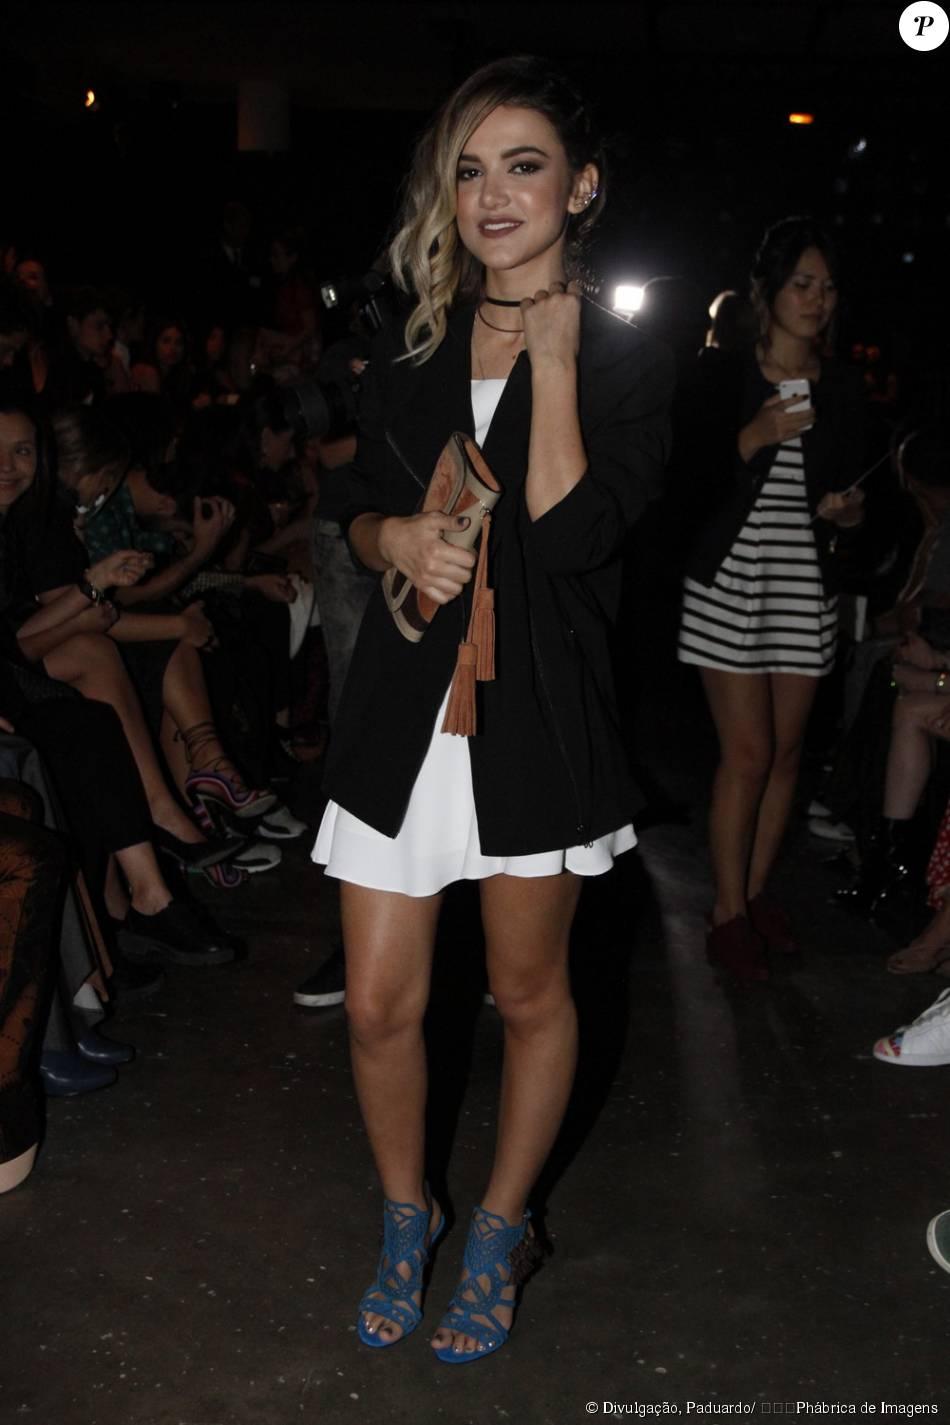 Manu Gavassi optou por vestido branco, blazer preto e sandálias azuis para ir à São Paulo Fashion Week, nesta segunda-feira, 19 de outubro de 2015